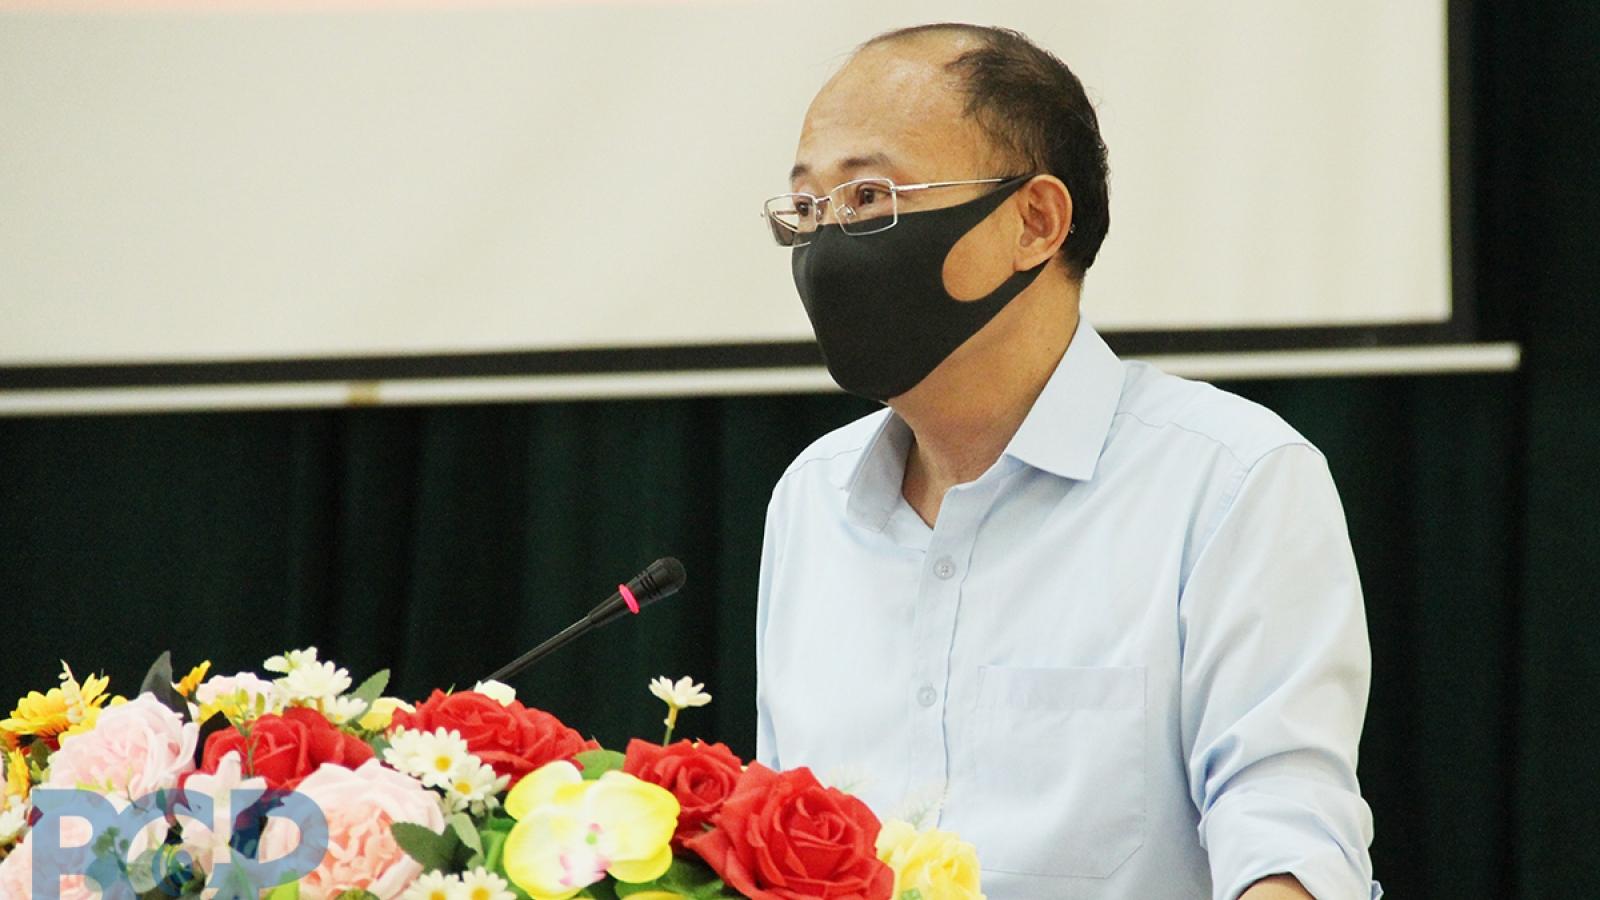 Tâm dịch Covid-19, Bắc Giang lên phương án tổ chức 2 đợt thi tốt nghiệp THPT